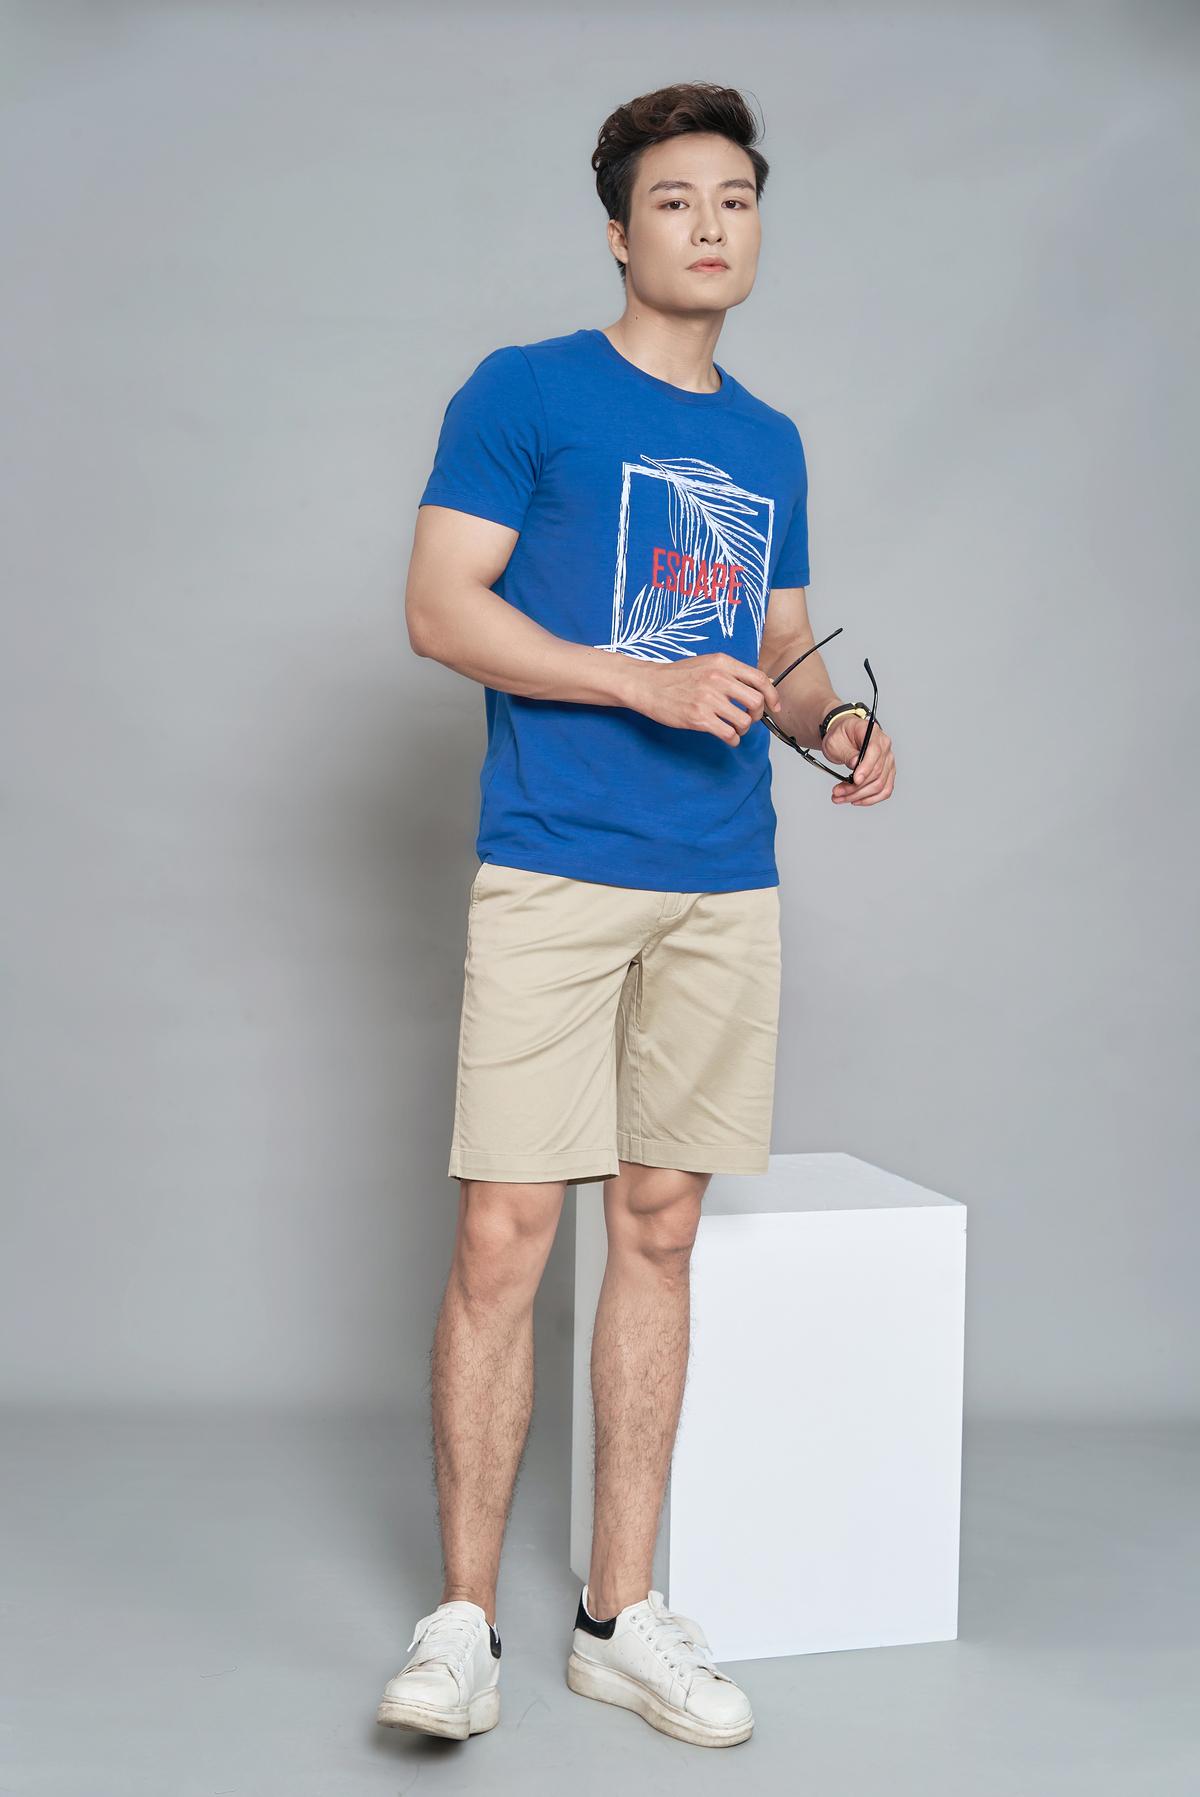 Áo phông nam ngắn tay (regularfit) màu 2 DGC - SAT1908M giảm 20% còn 260.000 đồng chất liệu thoáng mát, vừa vặn hình thể.